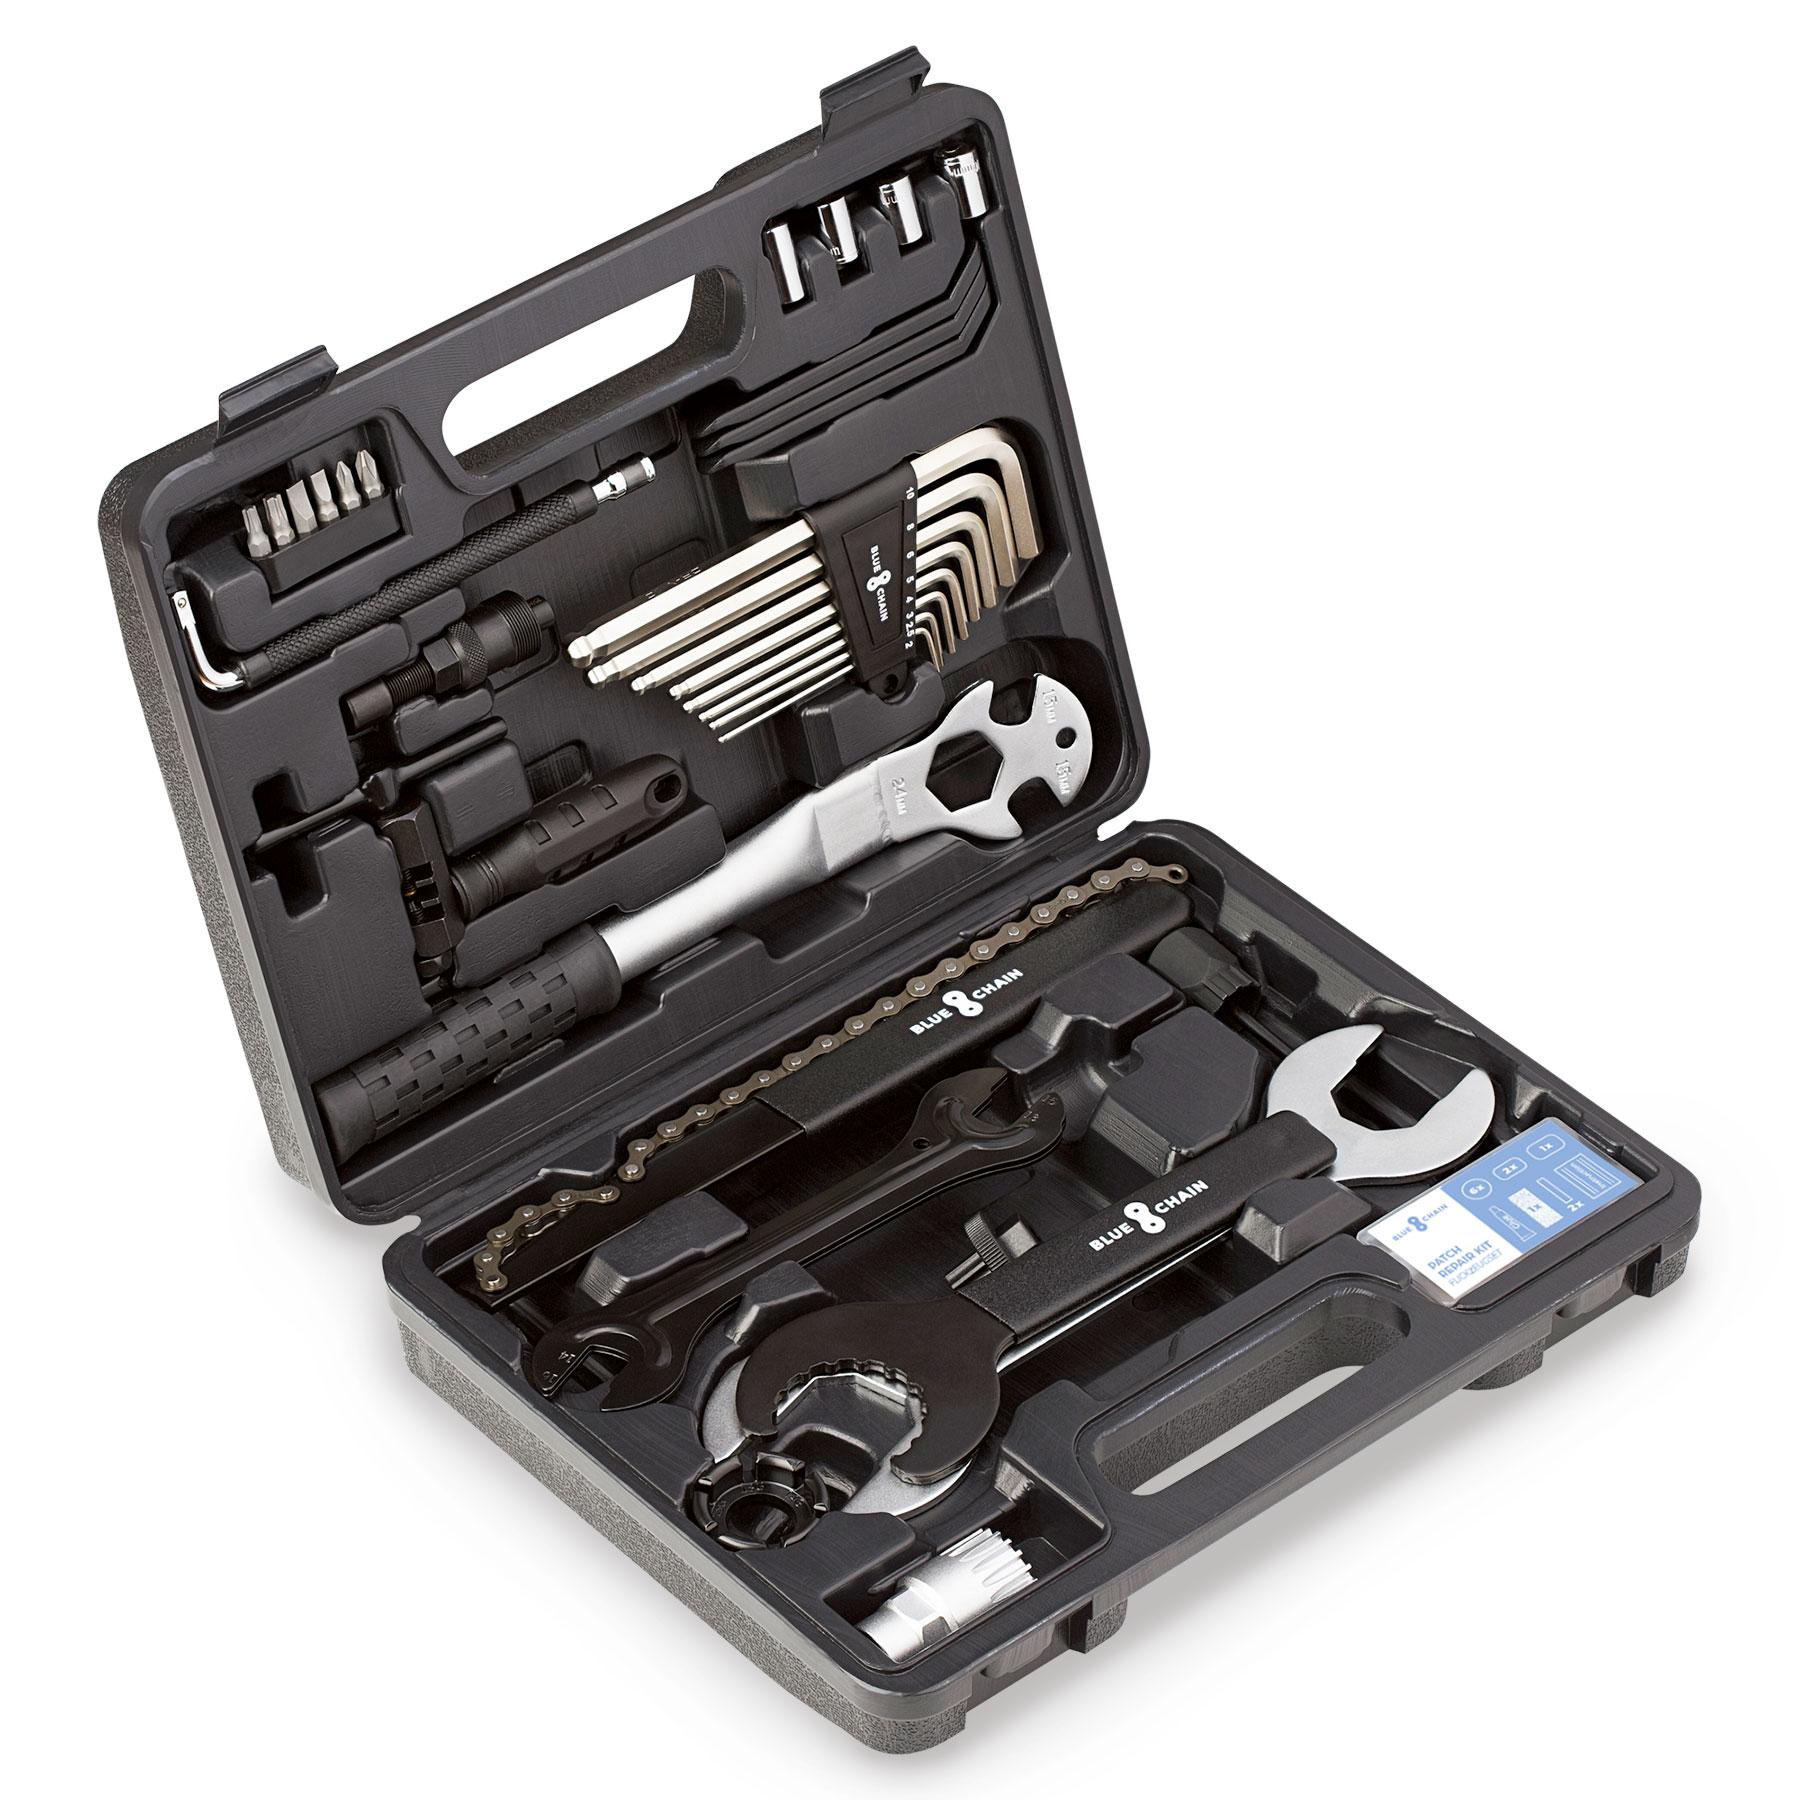 BLUECHAIN Fahrrad Werkzeugset - 37-teilig